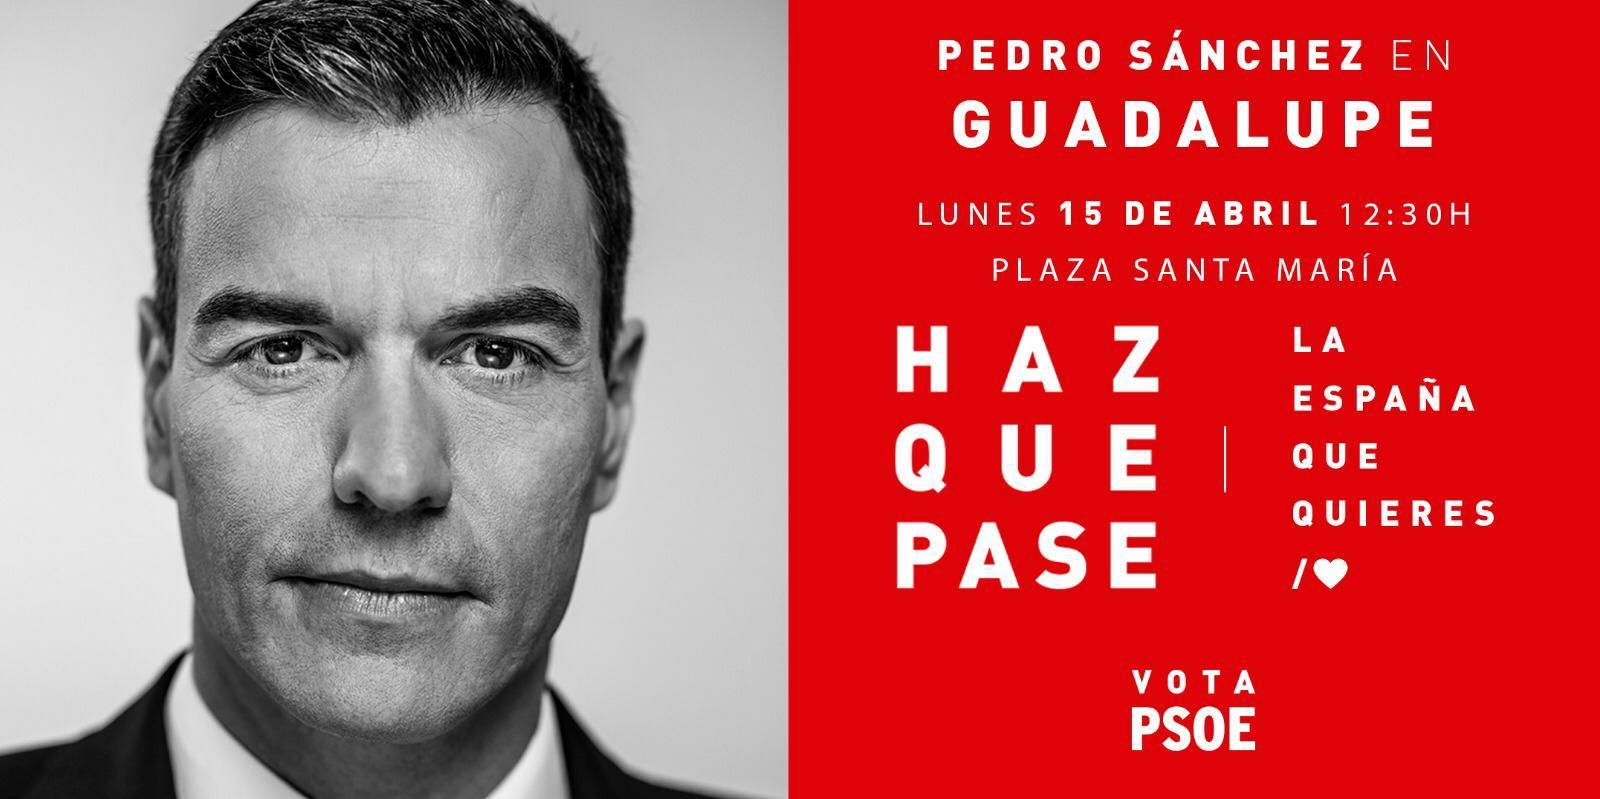 Pedro Sánchez en Guadalupe abril 2019